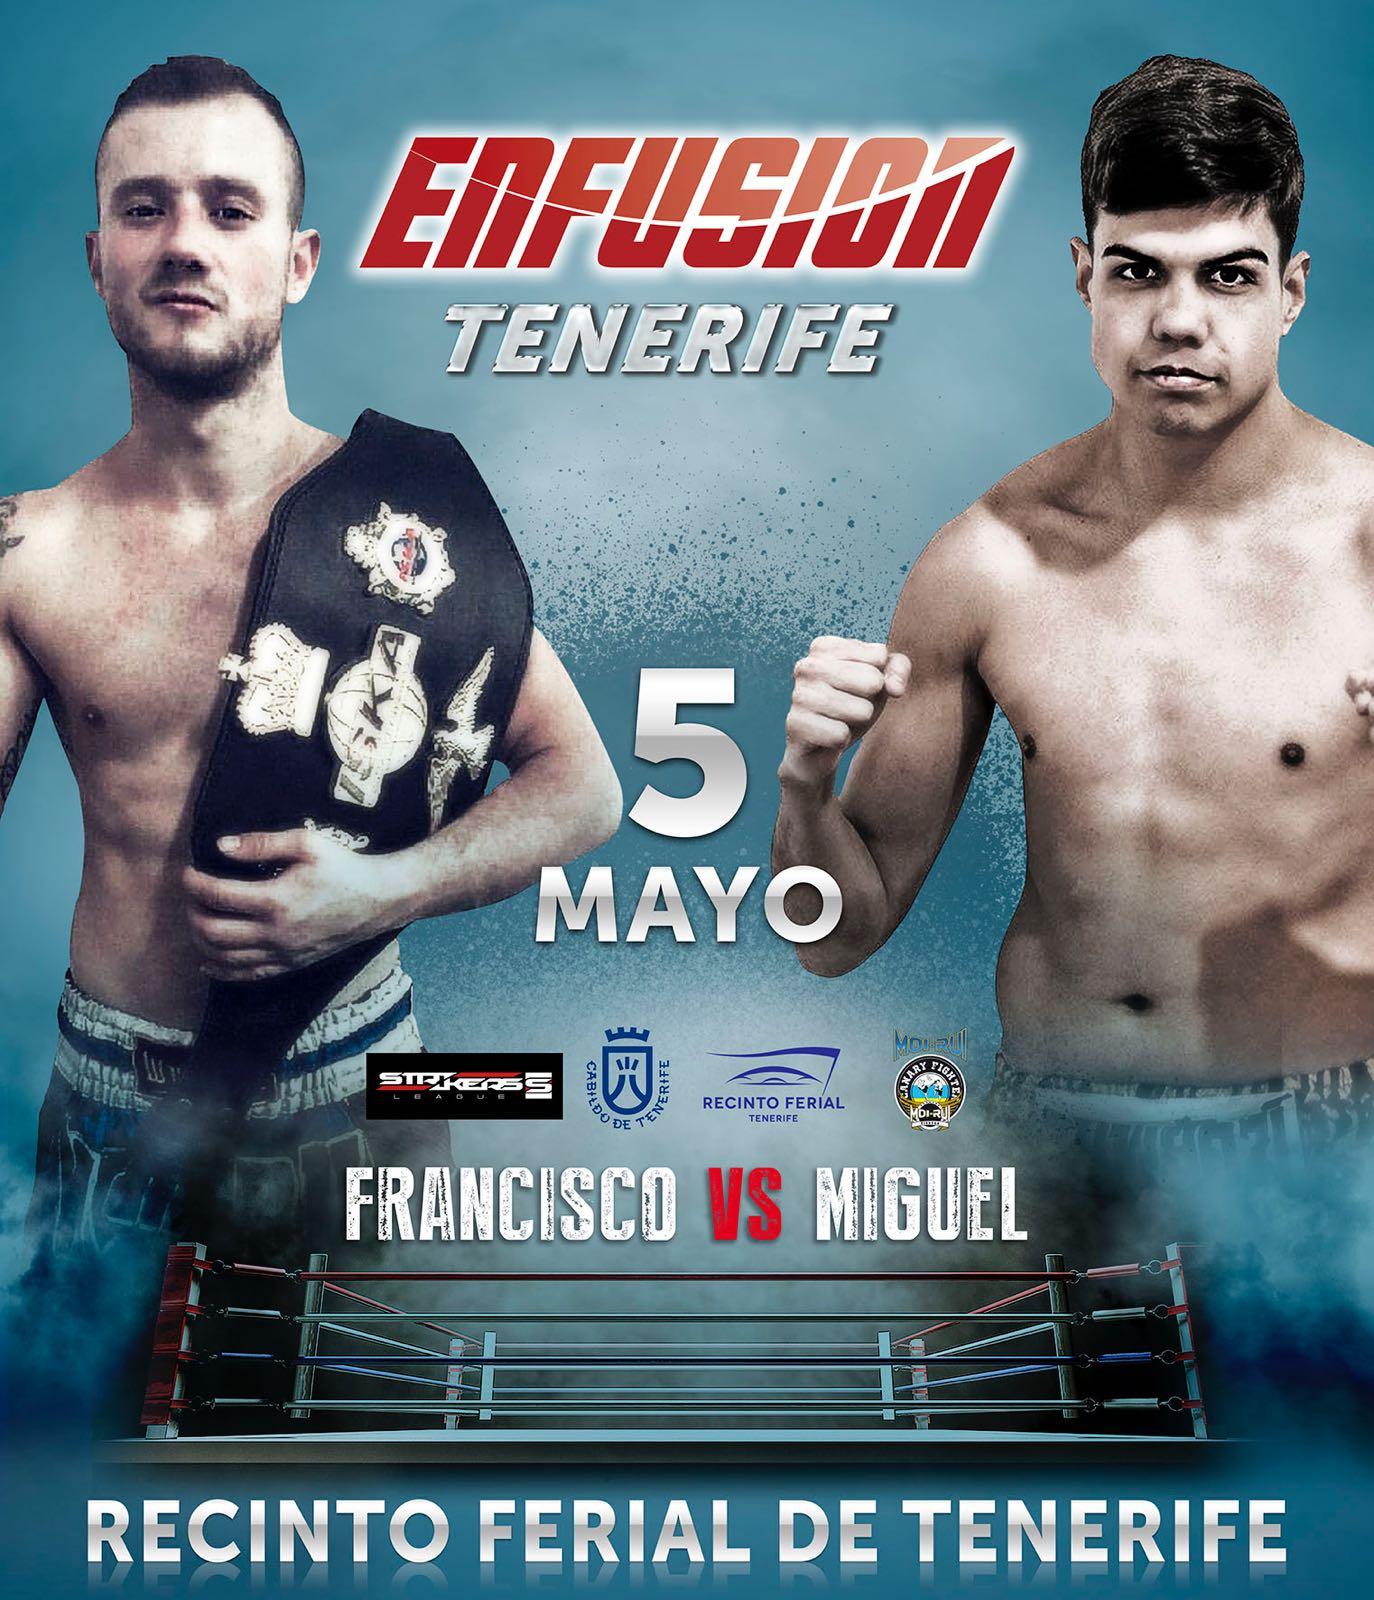 8- Miguel Vs Francisco